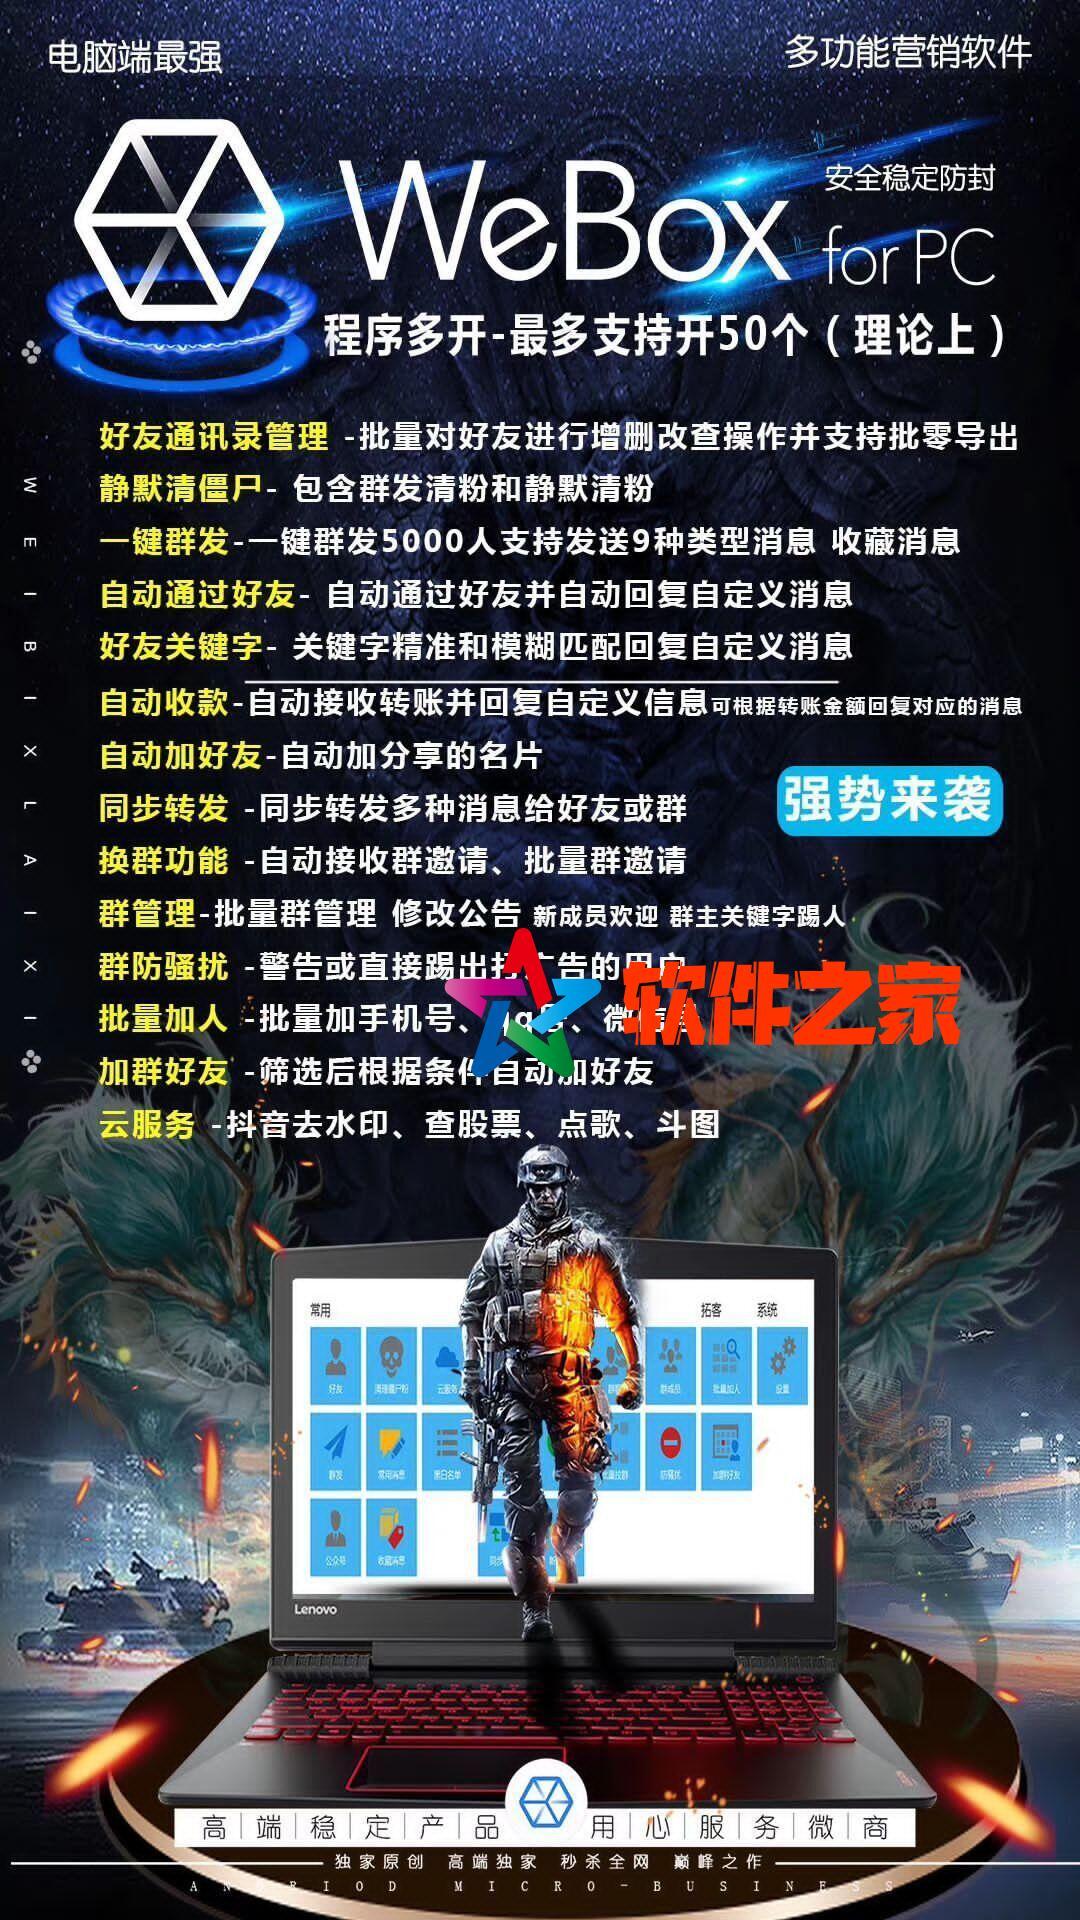 【webox官网下载更新地址】电脑pc最强多功能营销工具